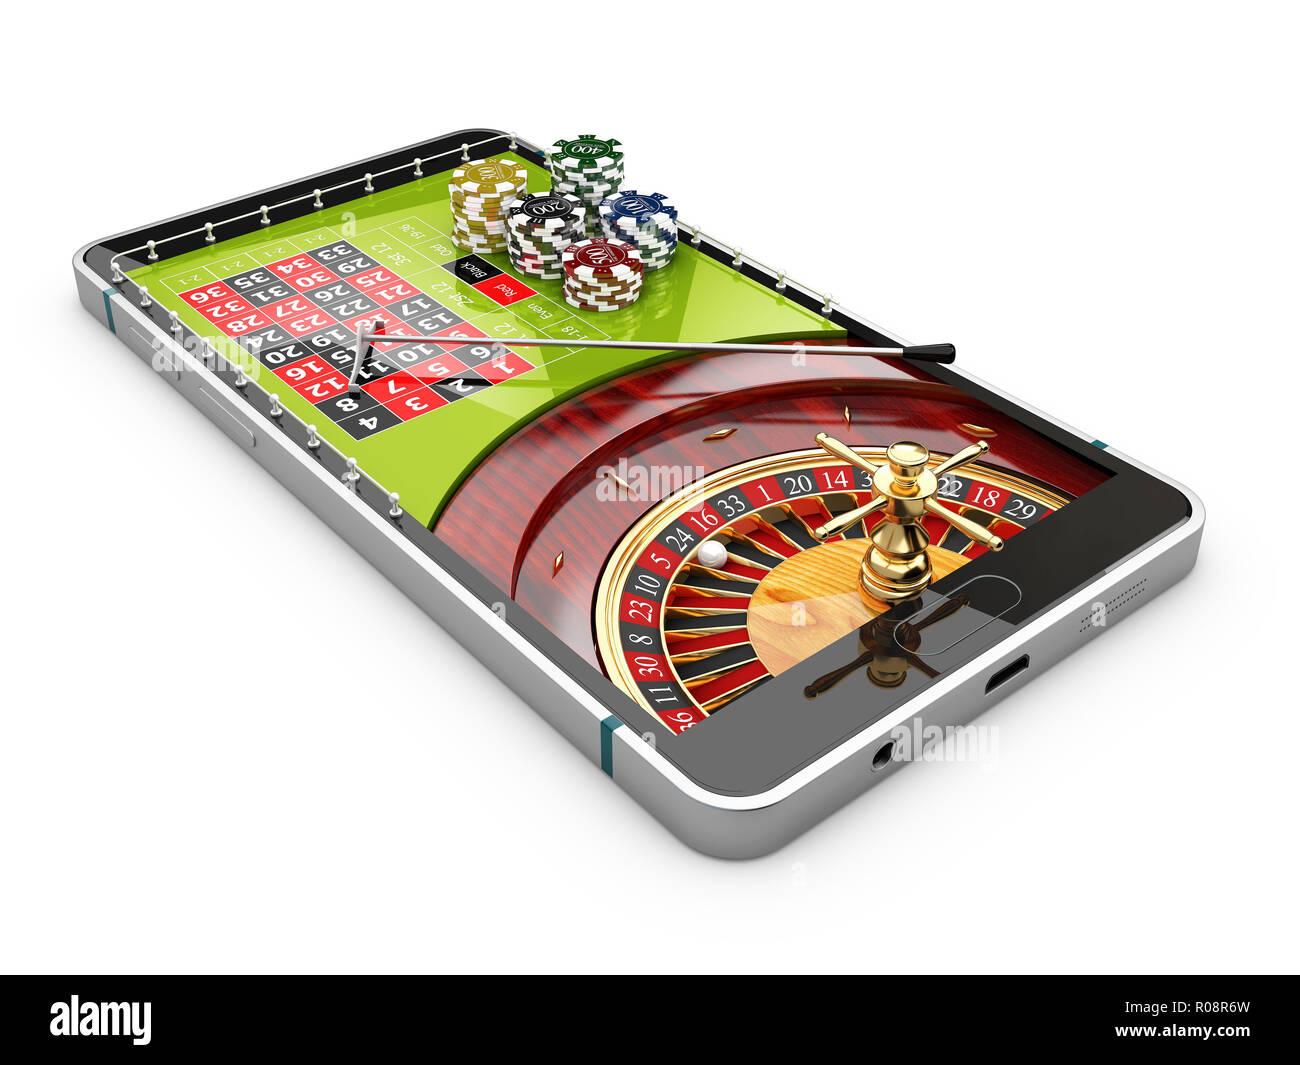 Казино приложение на телефон скчать онлайн игровые аппараты бесплатно и без регистрации